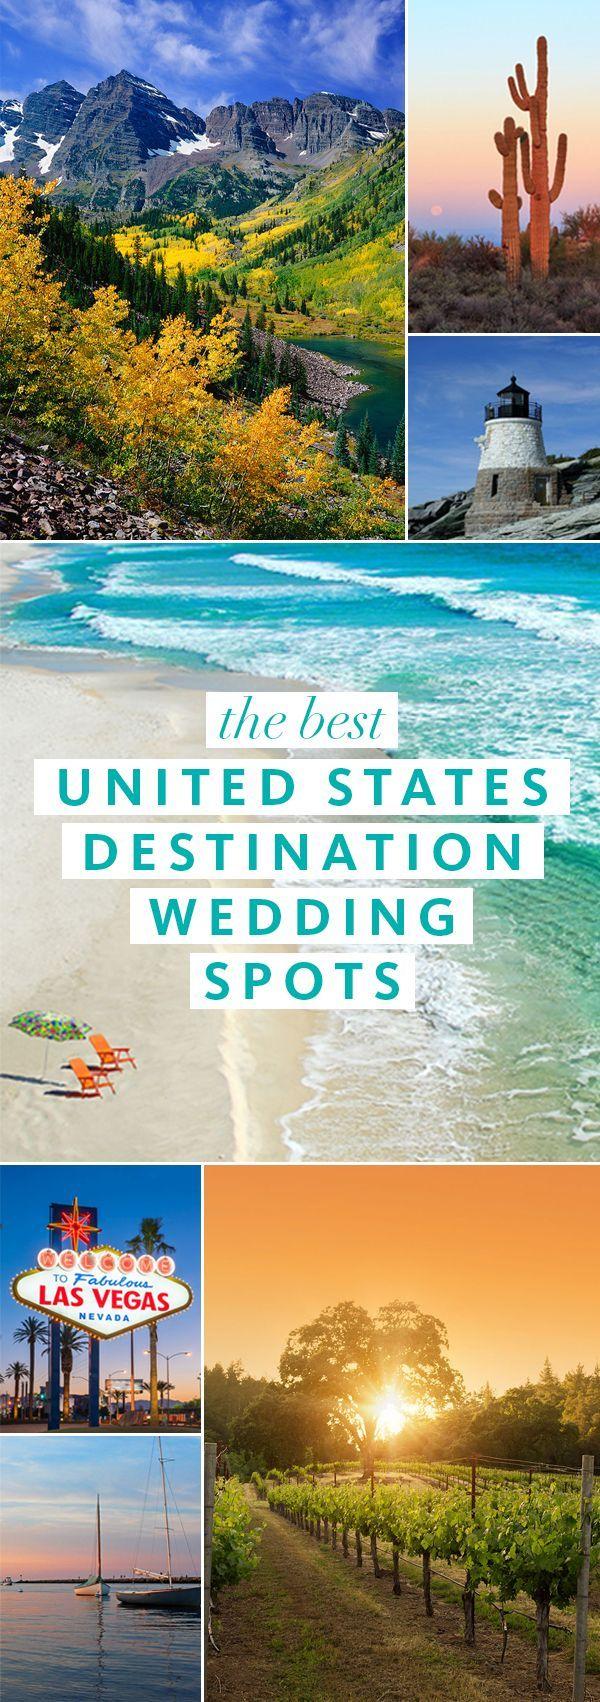 Best United States Destination Wedding Spots